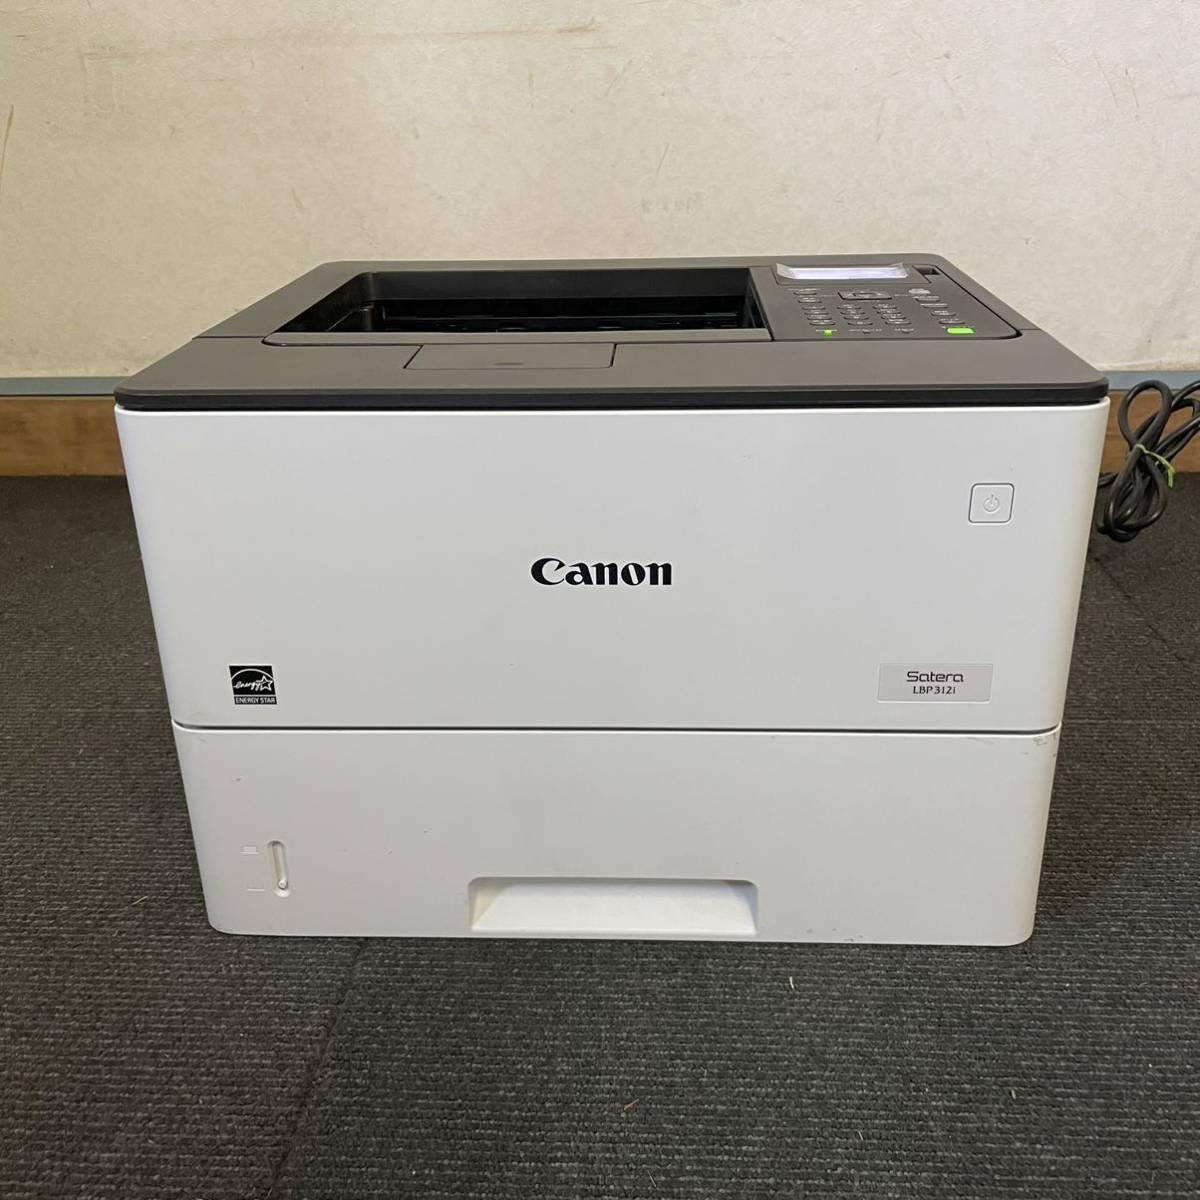 @ Canon Satera LBP 312i ◆ A4対応 モノクロ レーザー プリンター キャノン 格安売り切りスタート_画像2